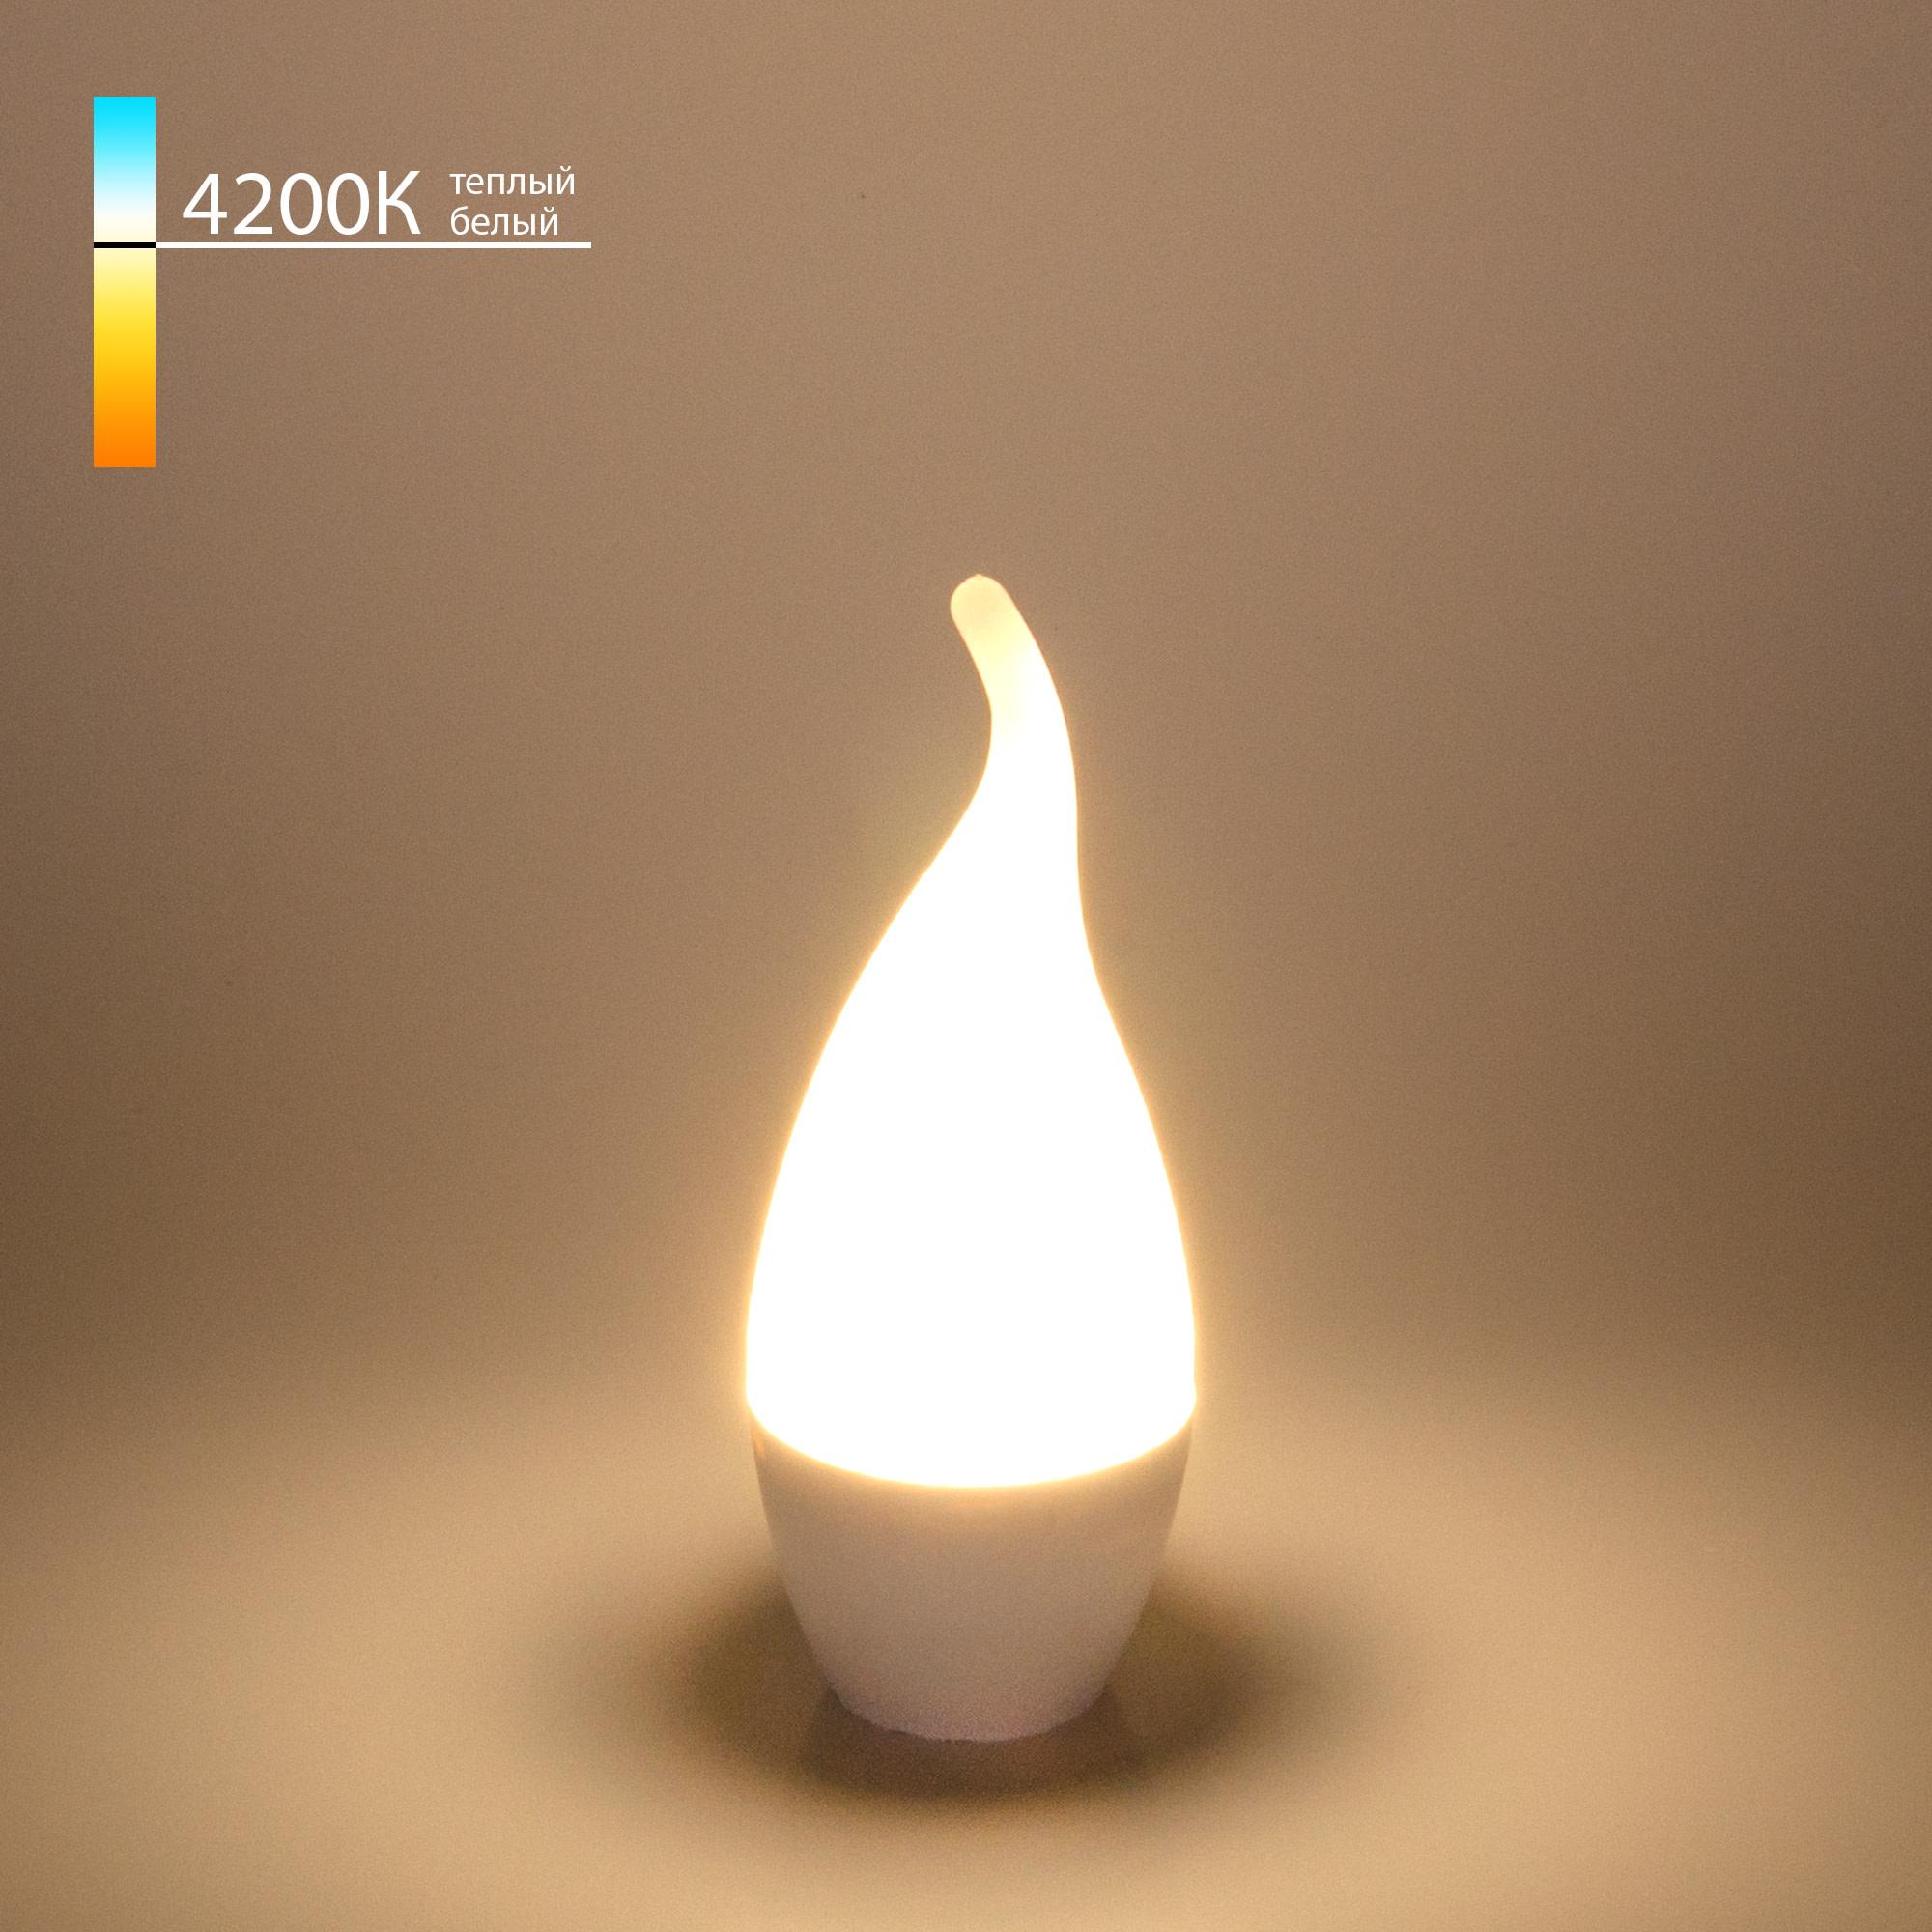 Лампа Electrostandard Свеча на ветру СDW LED D светодионая E14 6 Вт свеча на ветру 510 Лм нейтральный свет